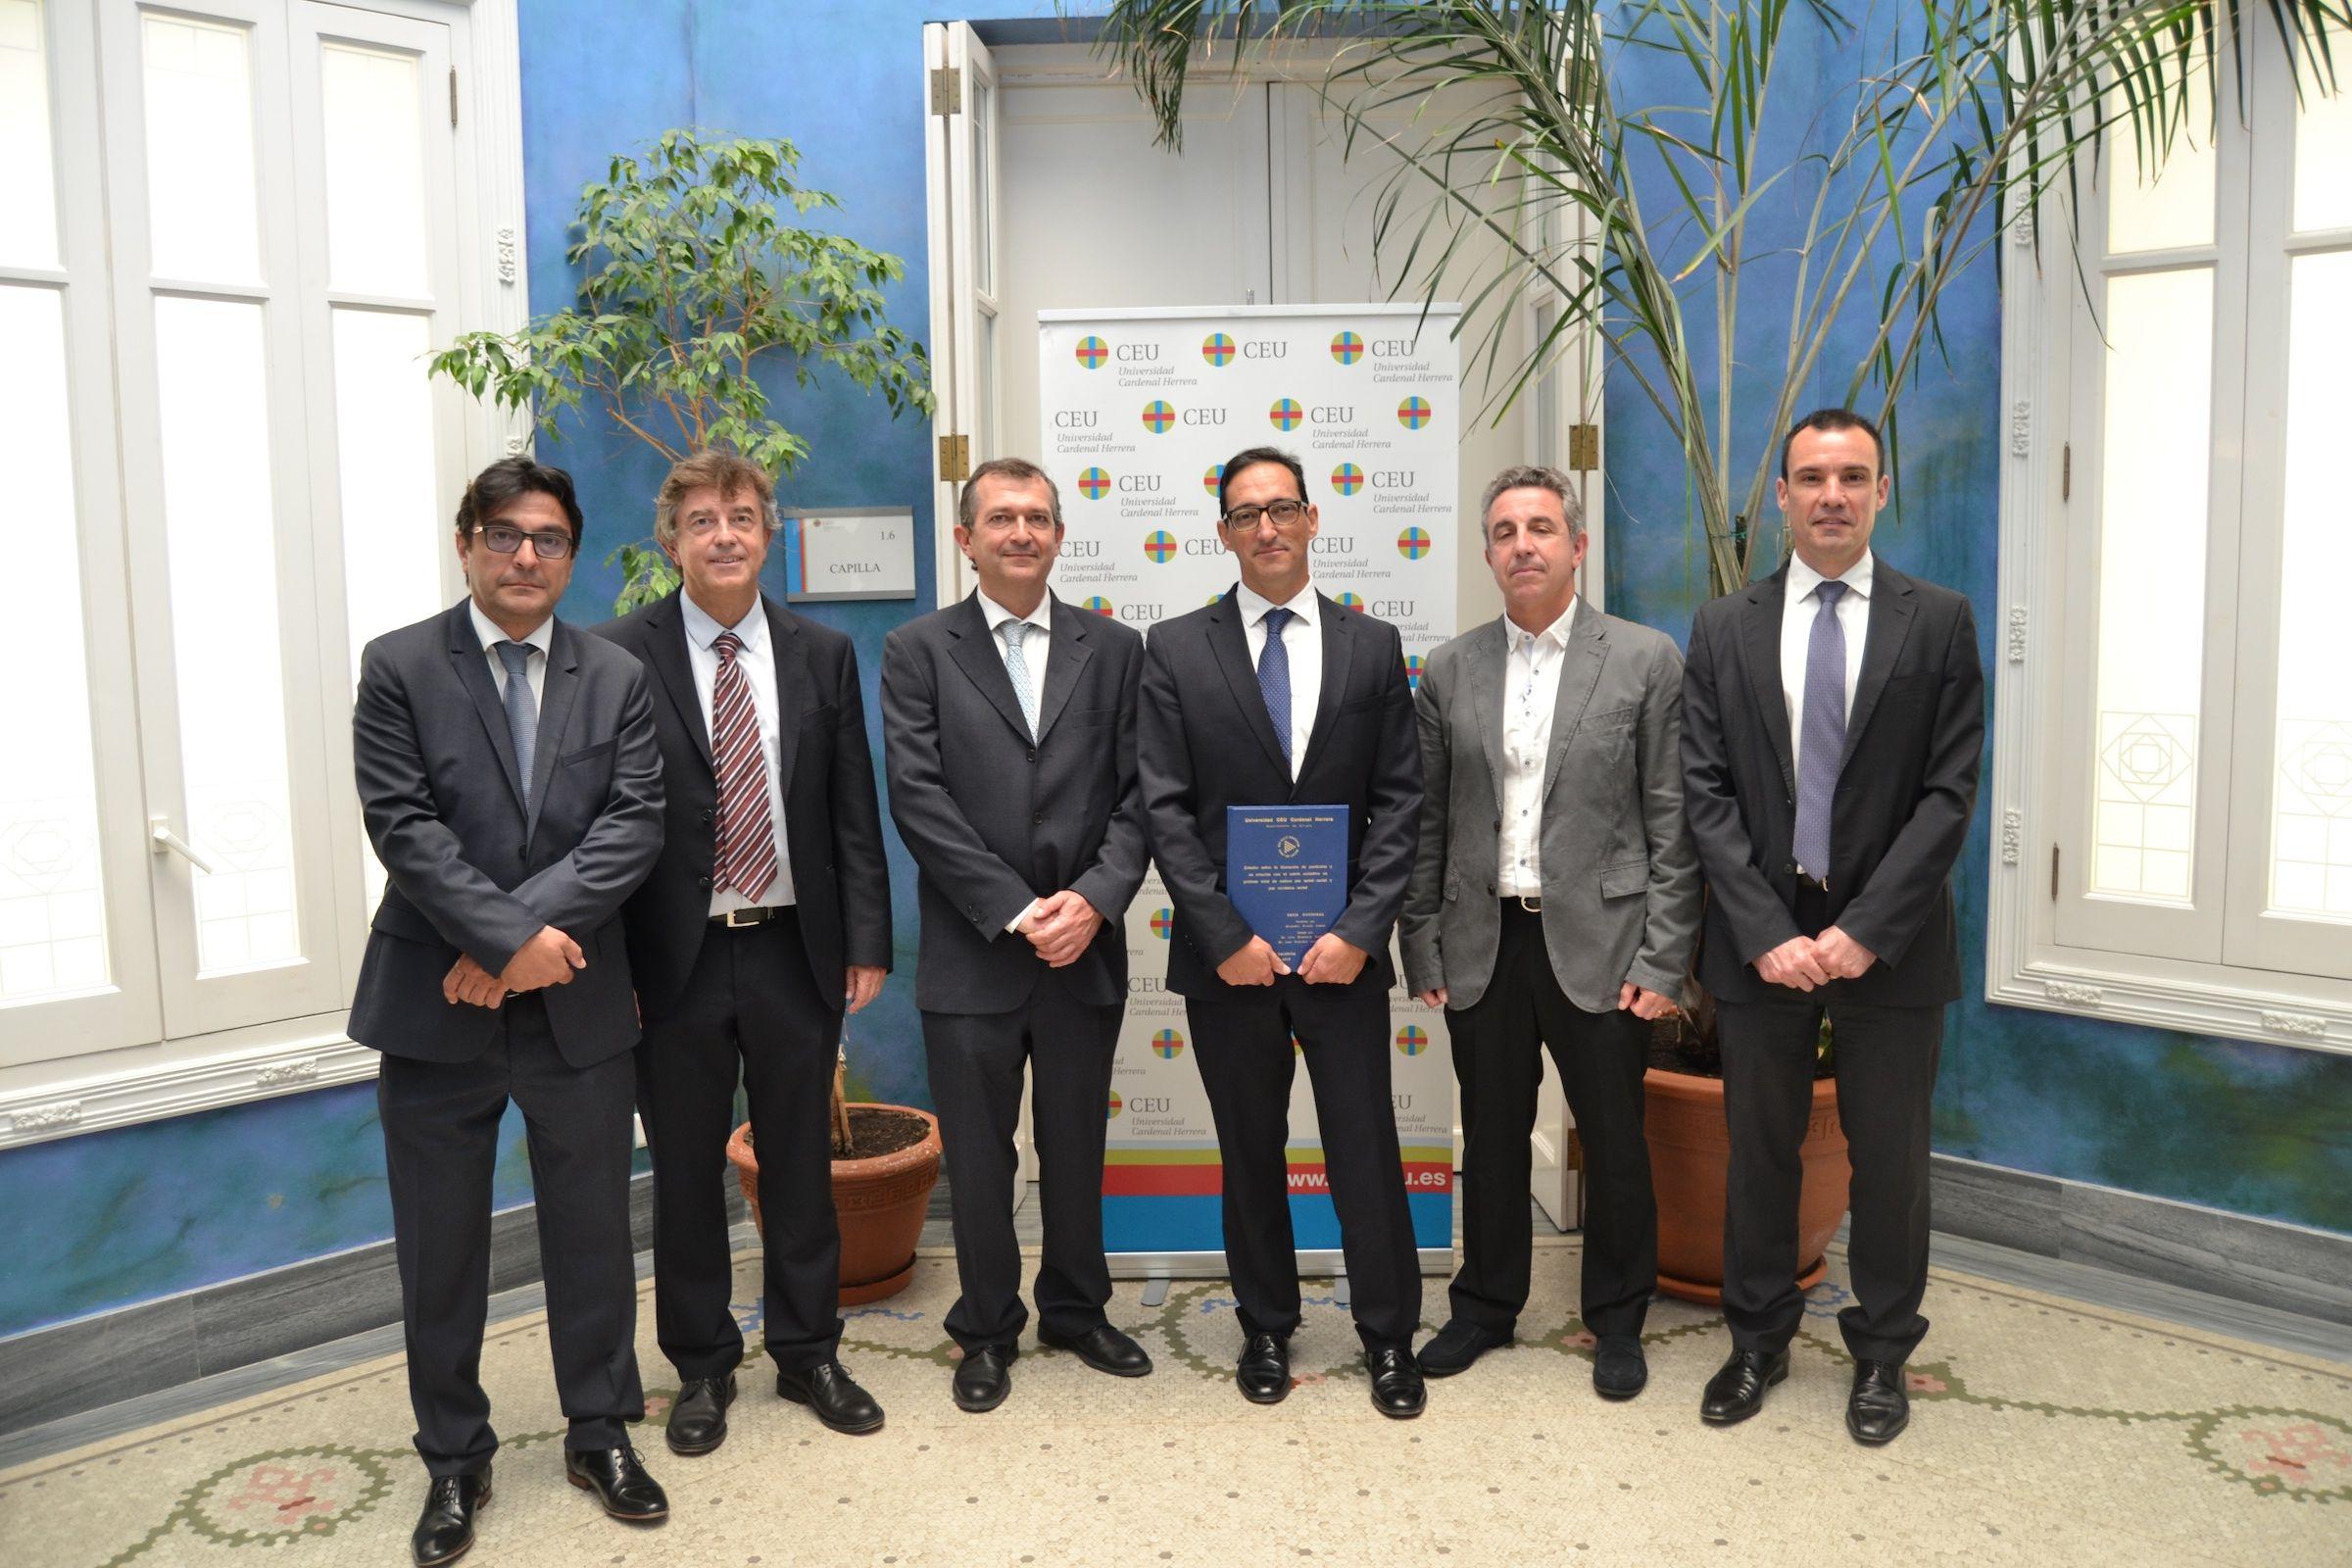 El profesor del CEU Alejandro Álvarez Llanas, junto a los directores y el tribunal de su tesis doctoral.